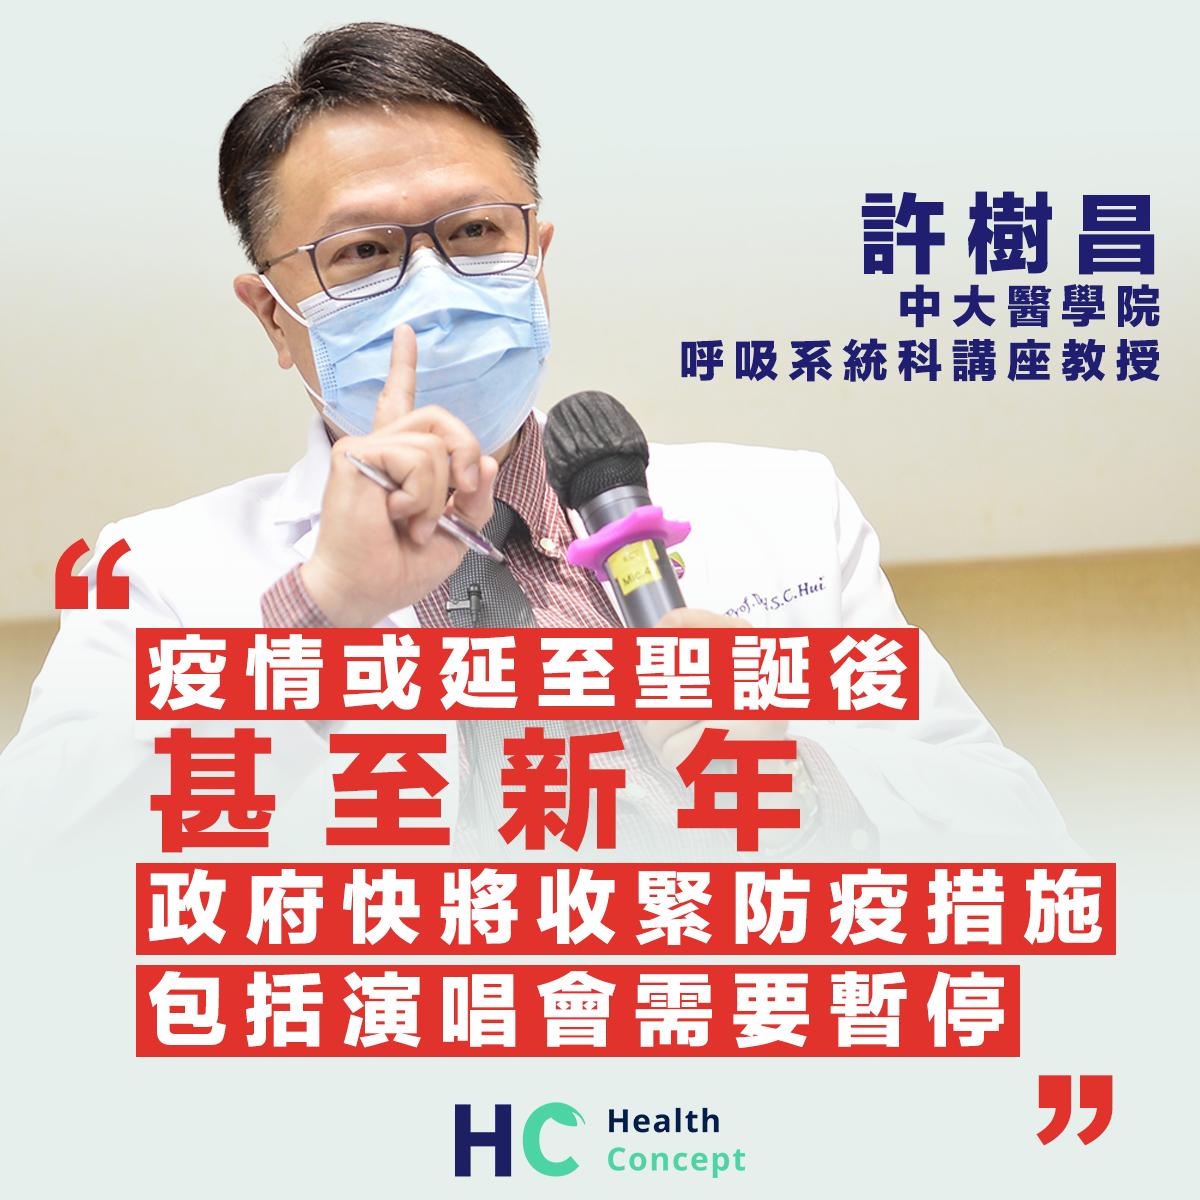 許樹昌:疫情或延至聖誕後 政府快將公布收緊防疫措施